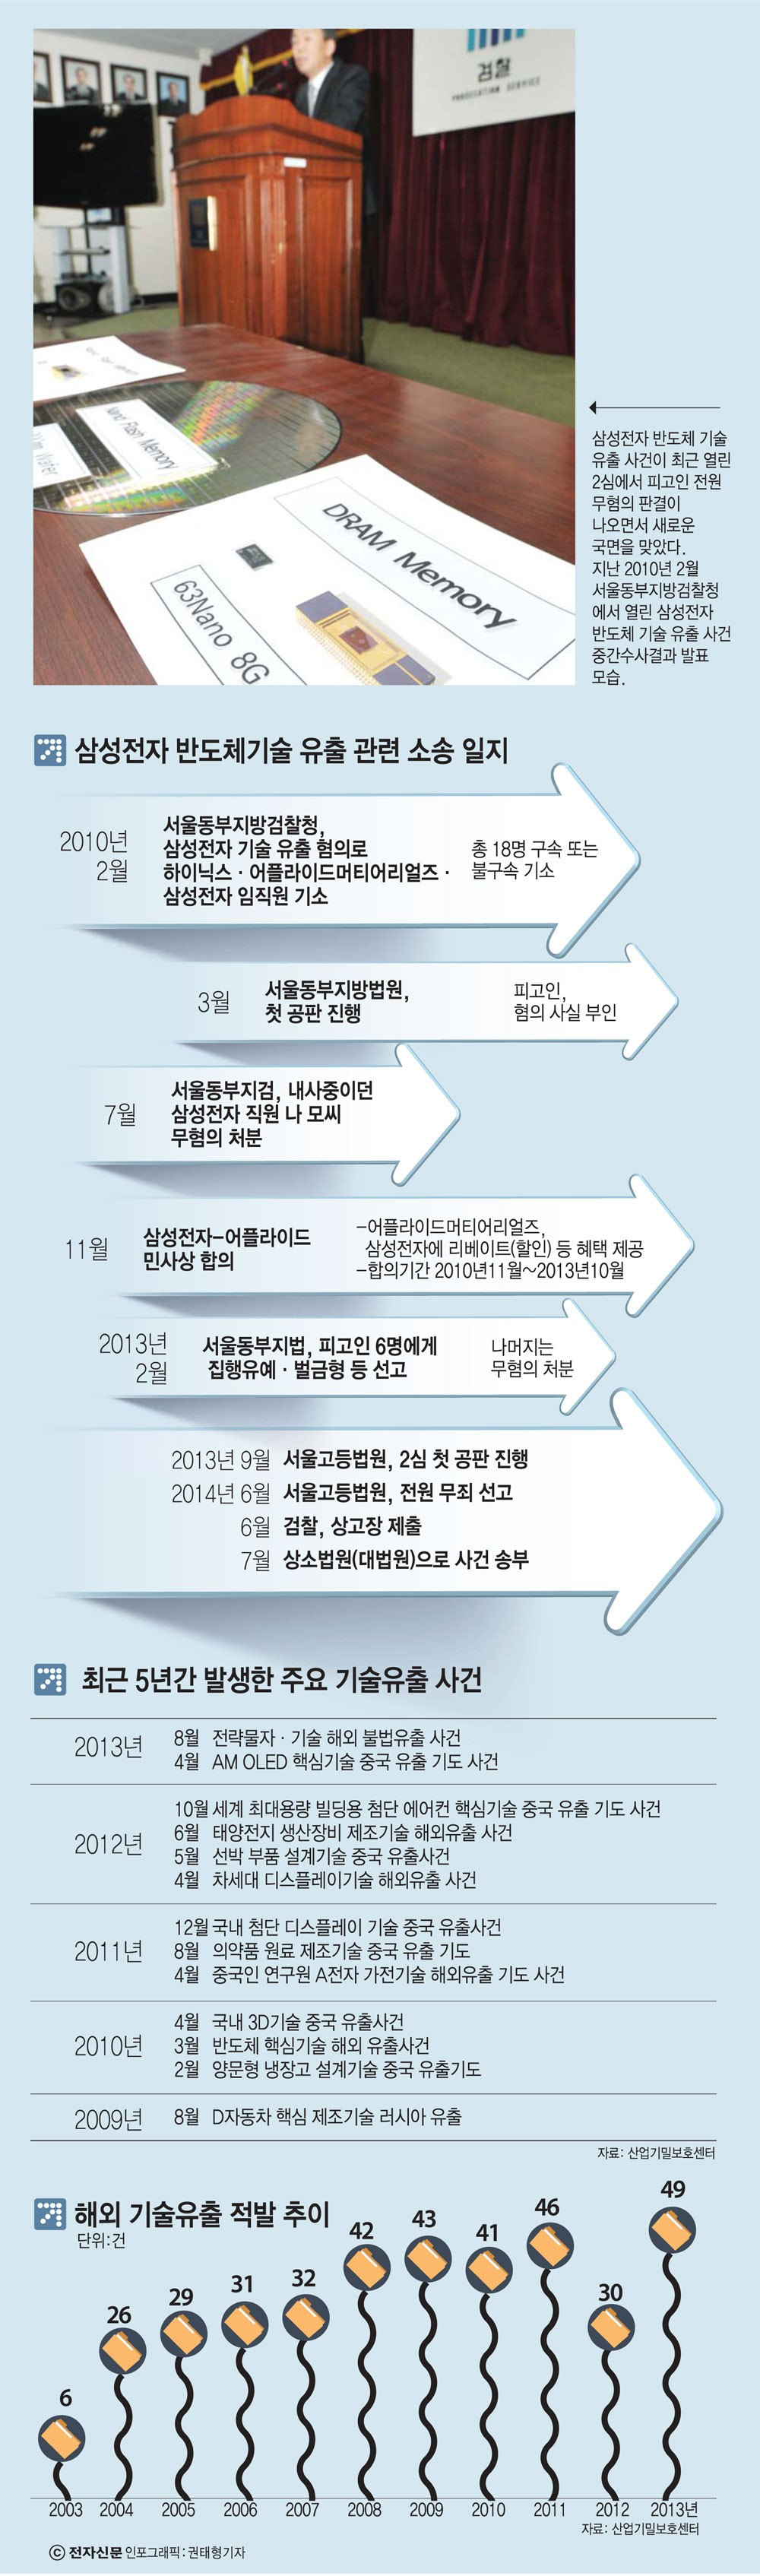 [이슈분석]용두사미식 기술유출 소송전